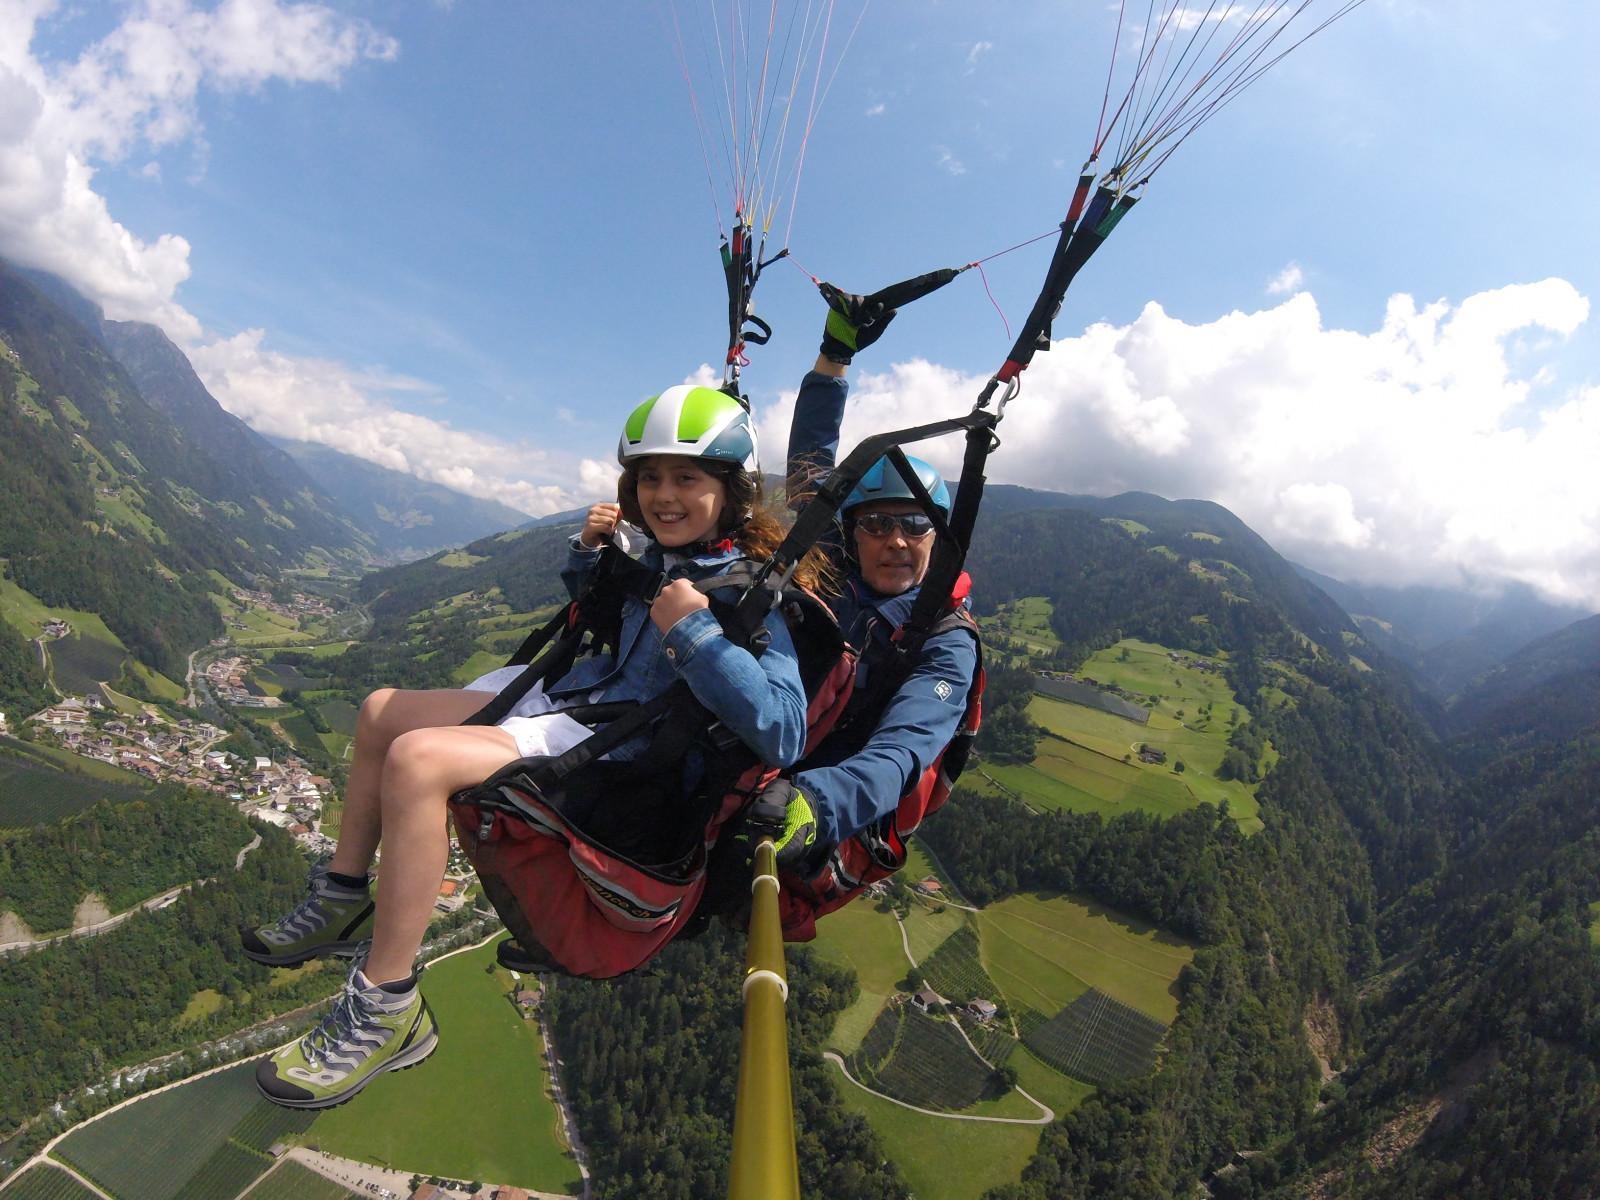 Volo d'alta quota in parapendio biposto in Val Passiria in Alto Adige